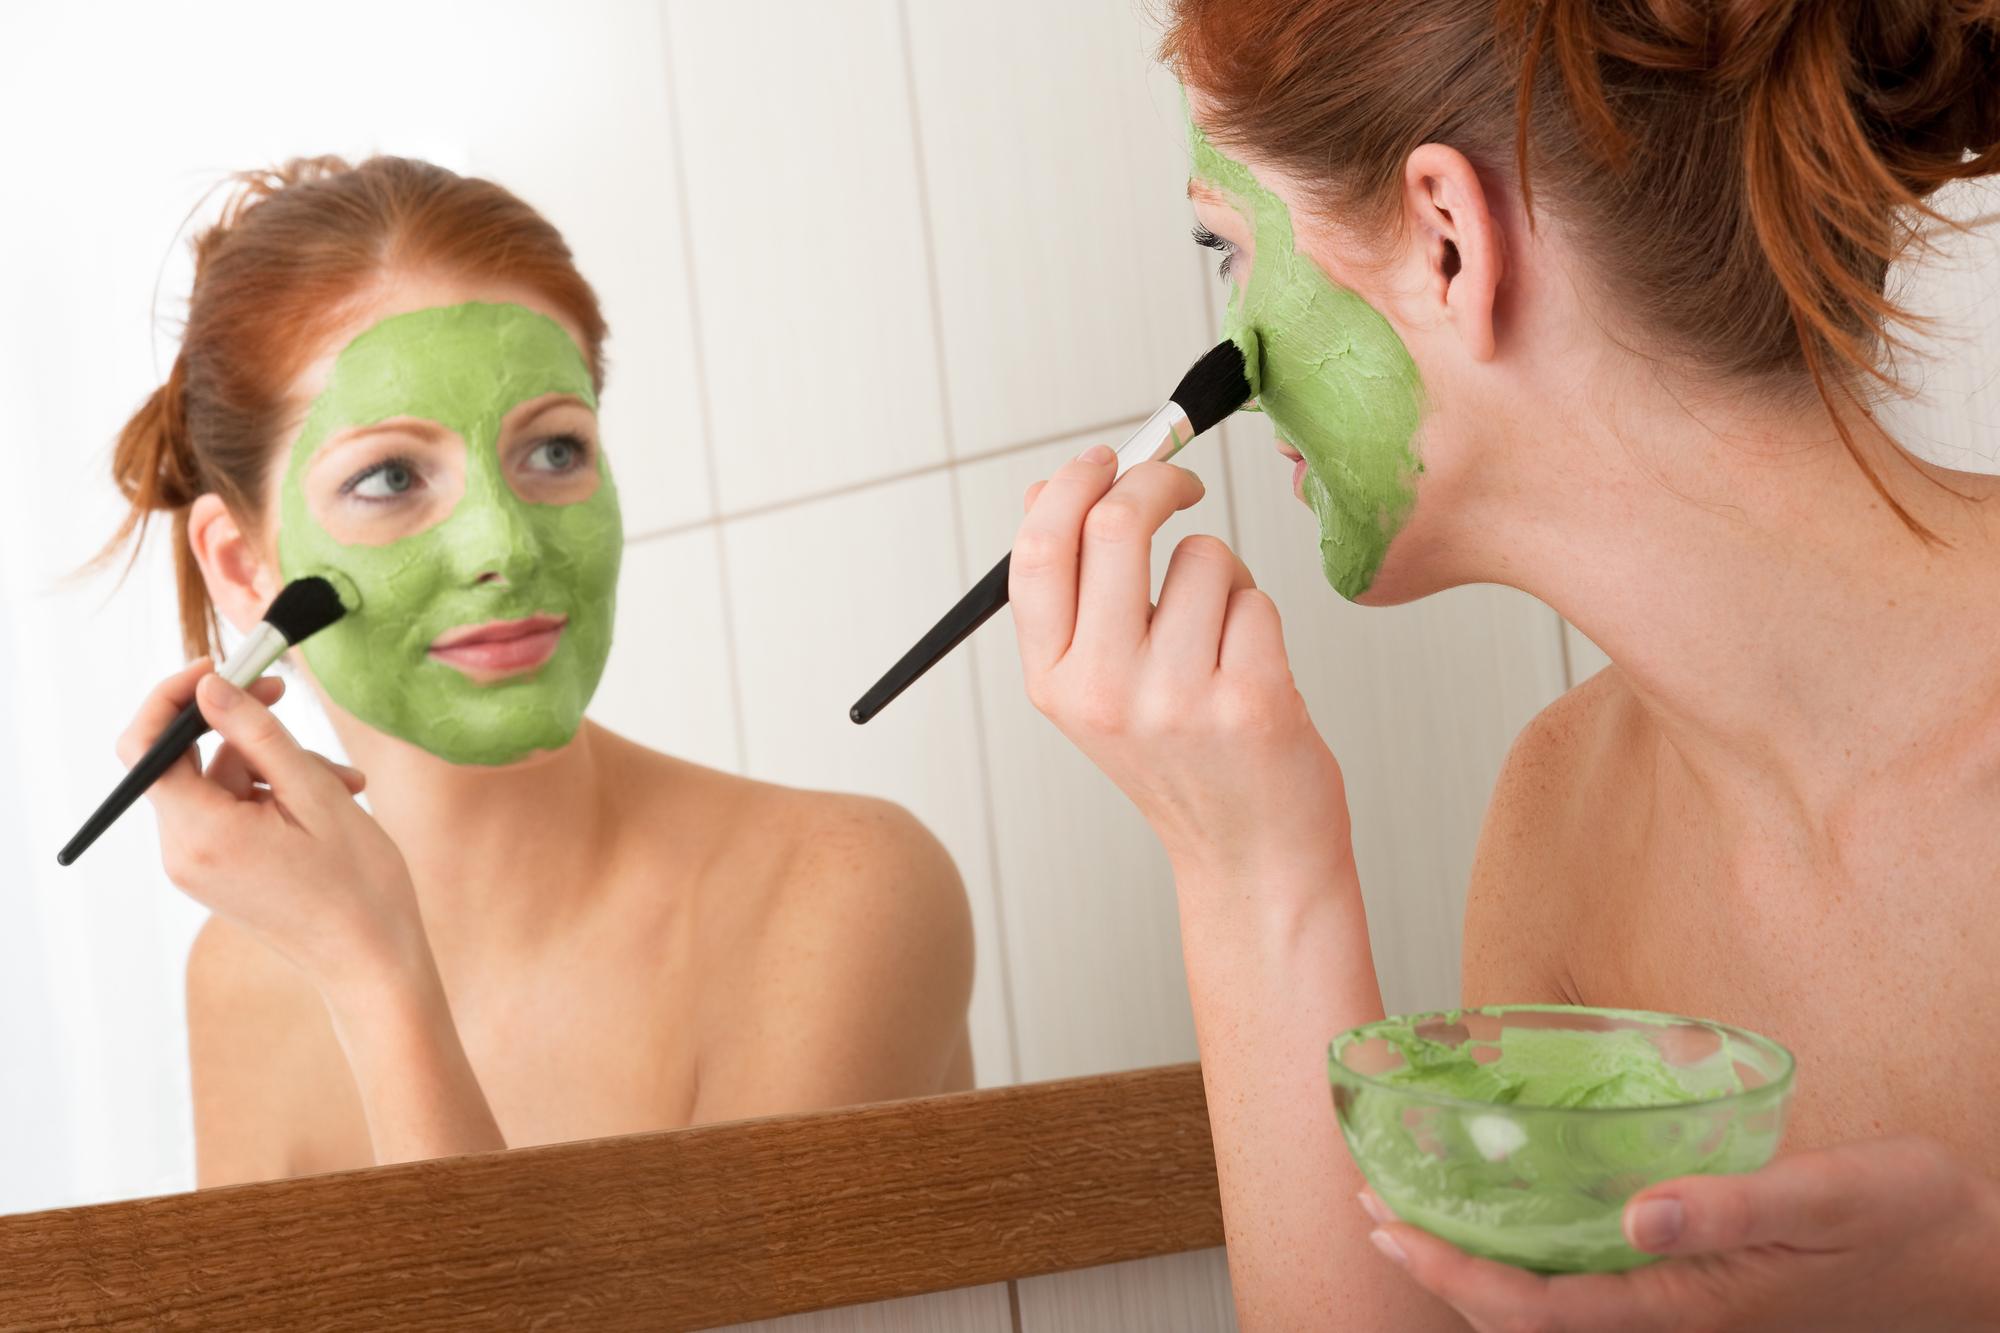 Маска из киндзы и любого кисломолочнго продукта - отличное средство по уходу за кожей лица